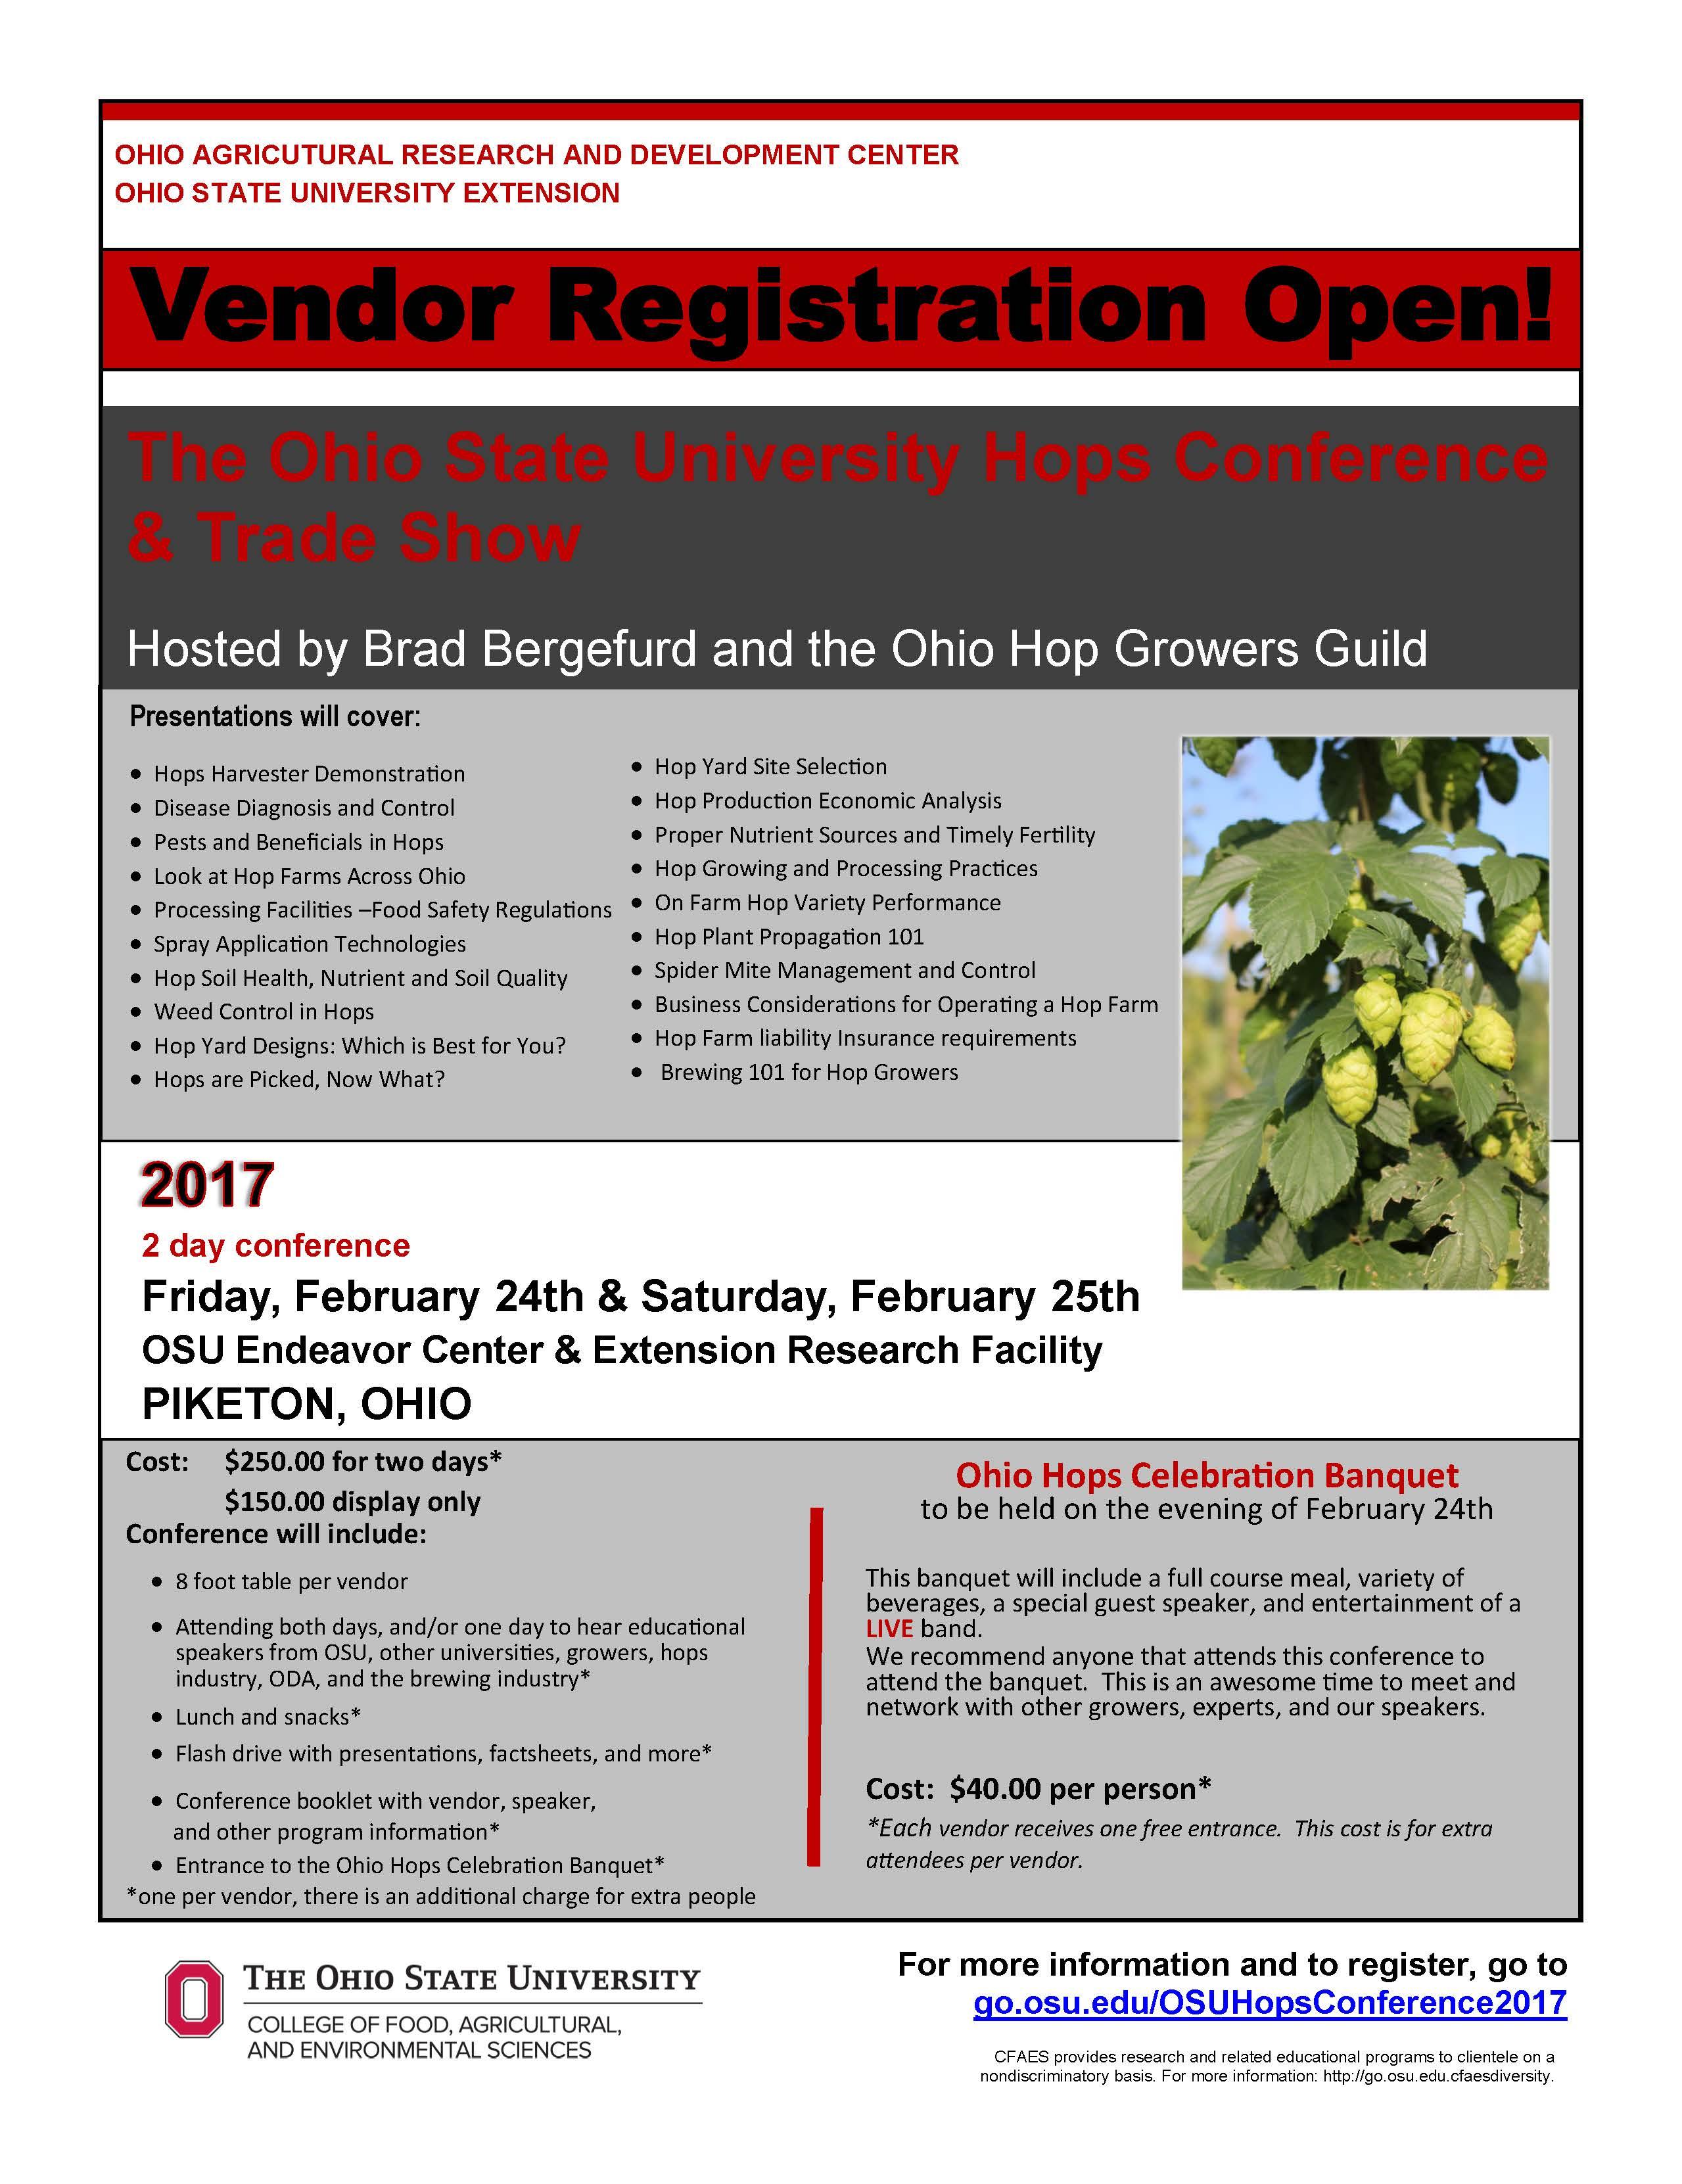 hopsconference-vendors-2017